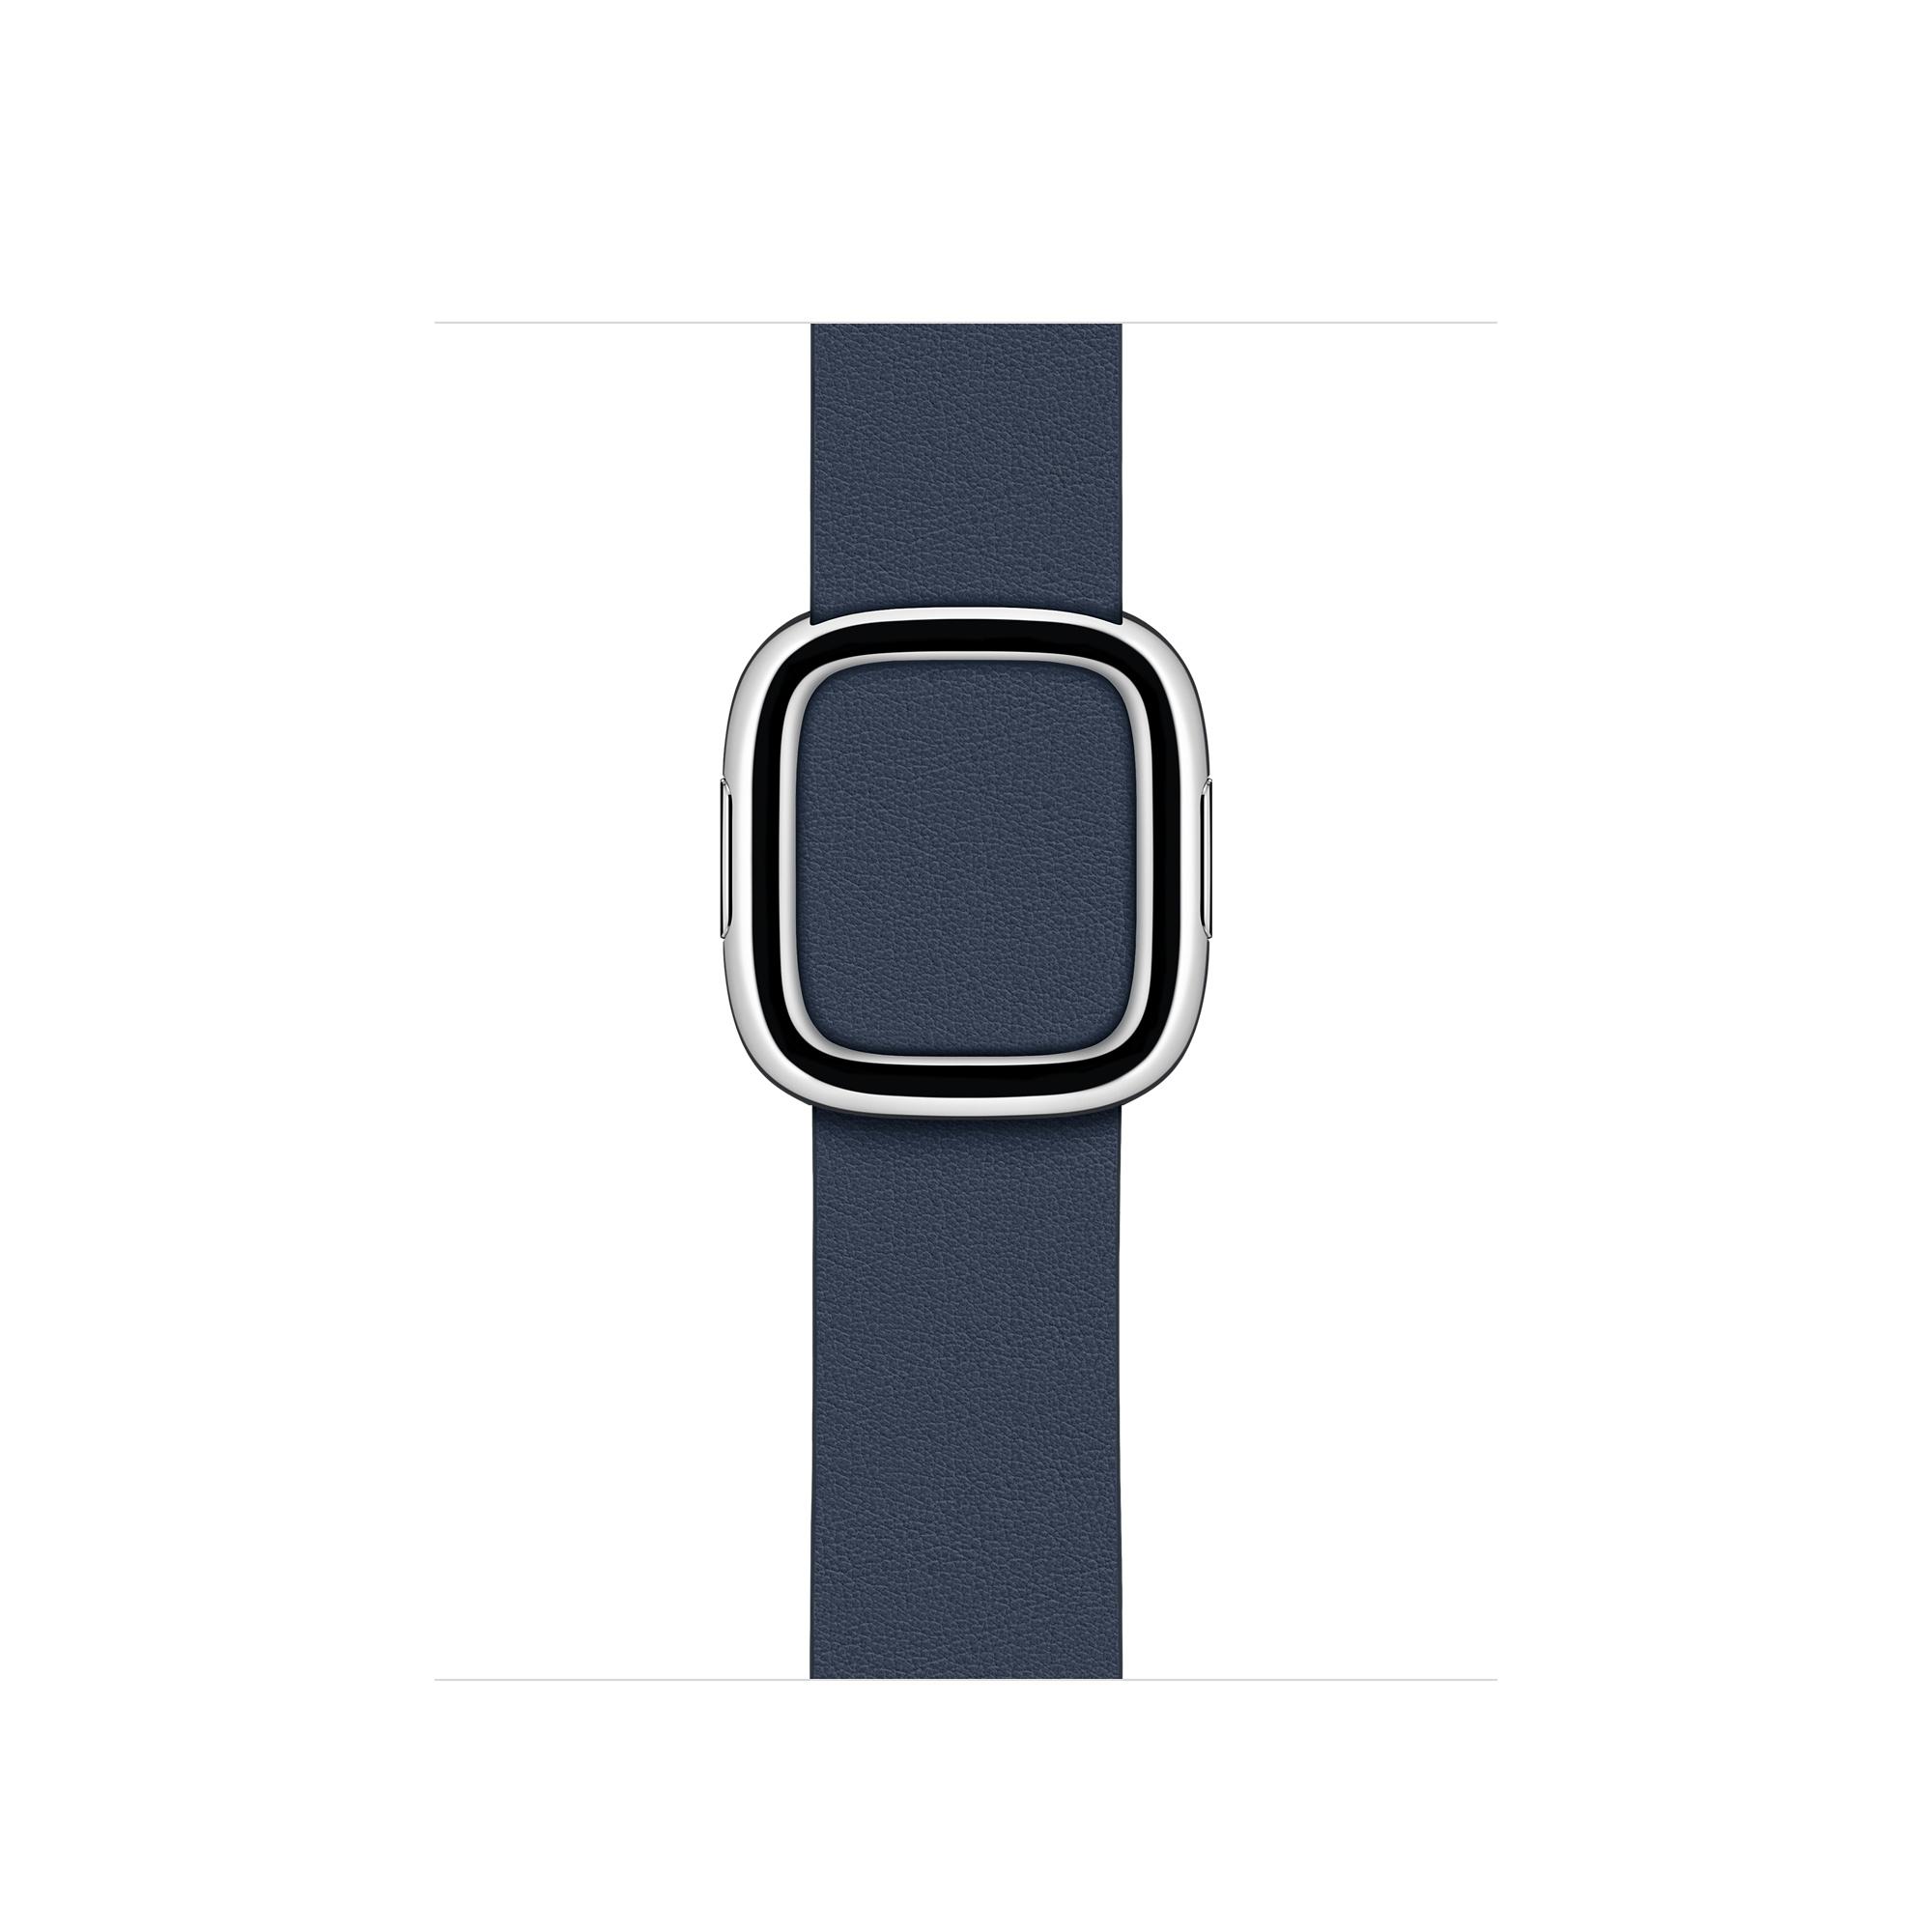 Ремешок цвета «синяя пучина» ссовременной пряжкой (длякорпуса 40мм), размерS